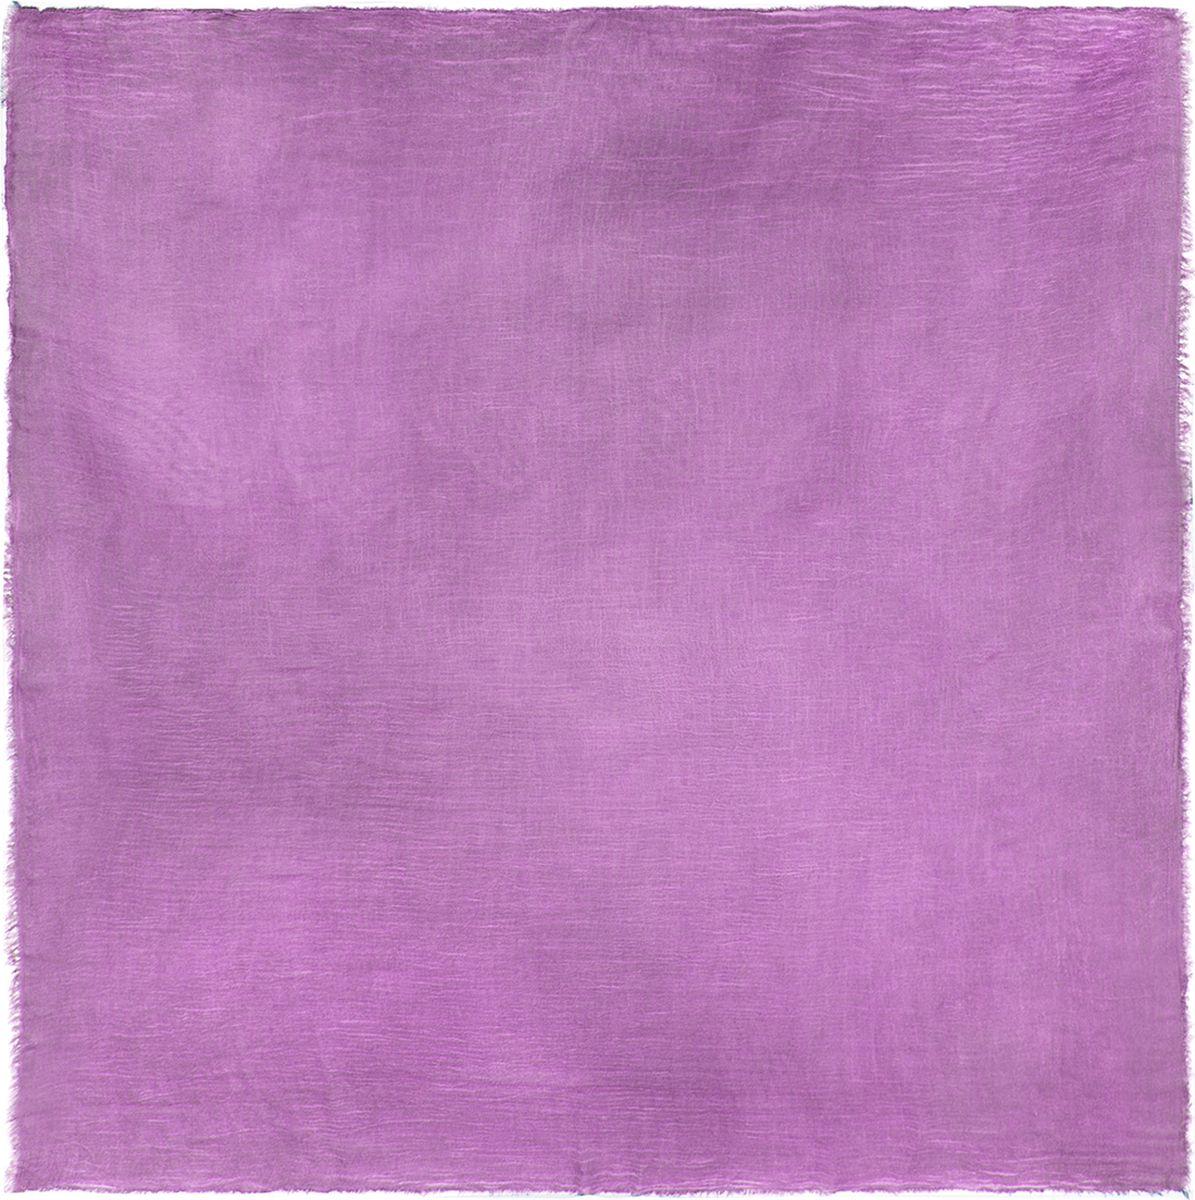 Платок женский Eleganzza, цвет: лиловый. SZ12-0635. Размер 125 см х 125 смSZ12-0635Платок Eleganzza, выполненный из модала и шелка, идеально дополнит образ современной женщины. Благодаря своему составу, он мягкий и очень приятный на ощупь. Модель декорирована по краям бахромой. Классическая квадратная форма позволяет носить платок на шее, украшать им прическу или декорировать сумочку.